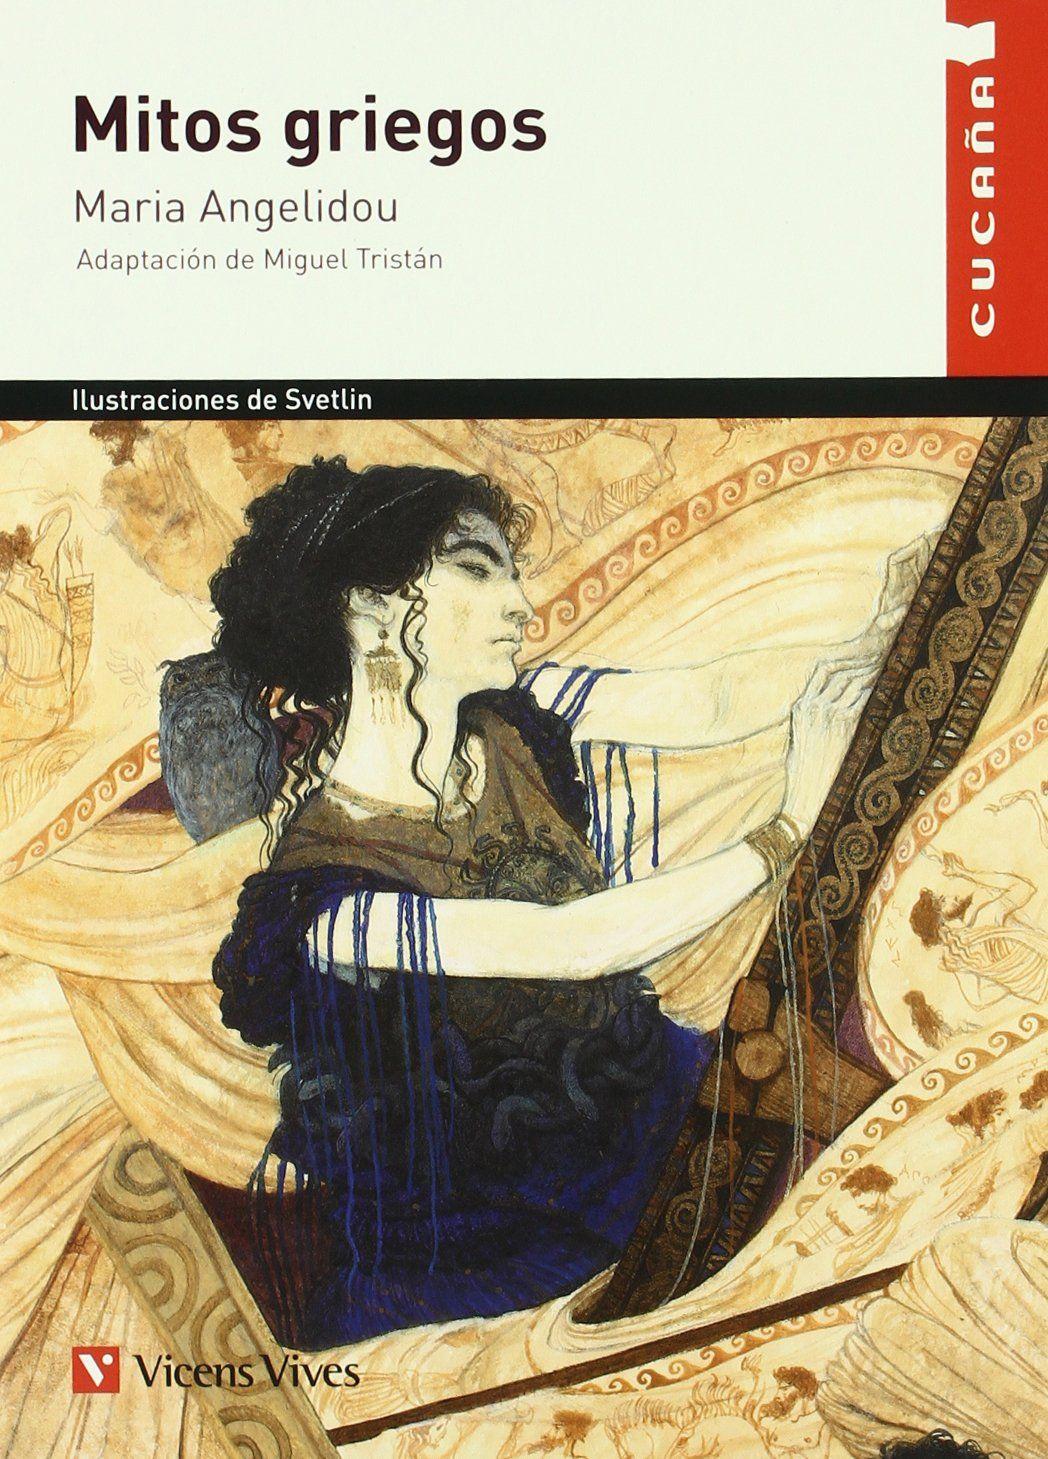 Mitos griegos / Maria Angelidou ; adaptación y notas, Miguel Tristán ;  ilustraciones, Svetlin